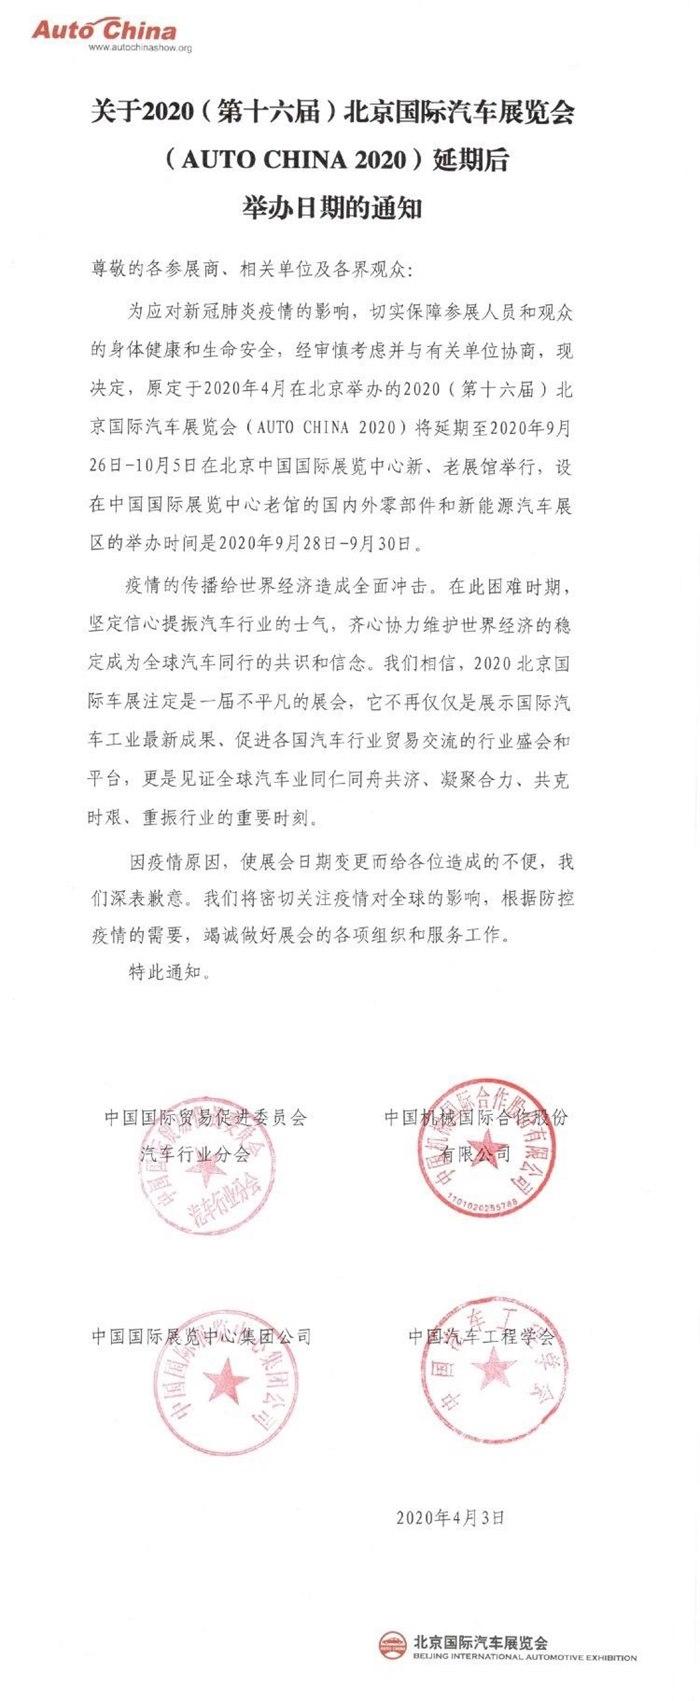 北京車展延期至9月26日-10月5日舉行